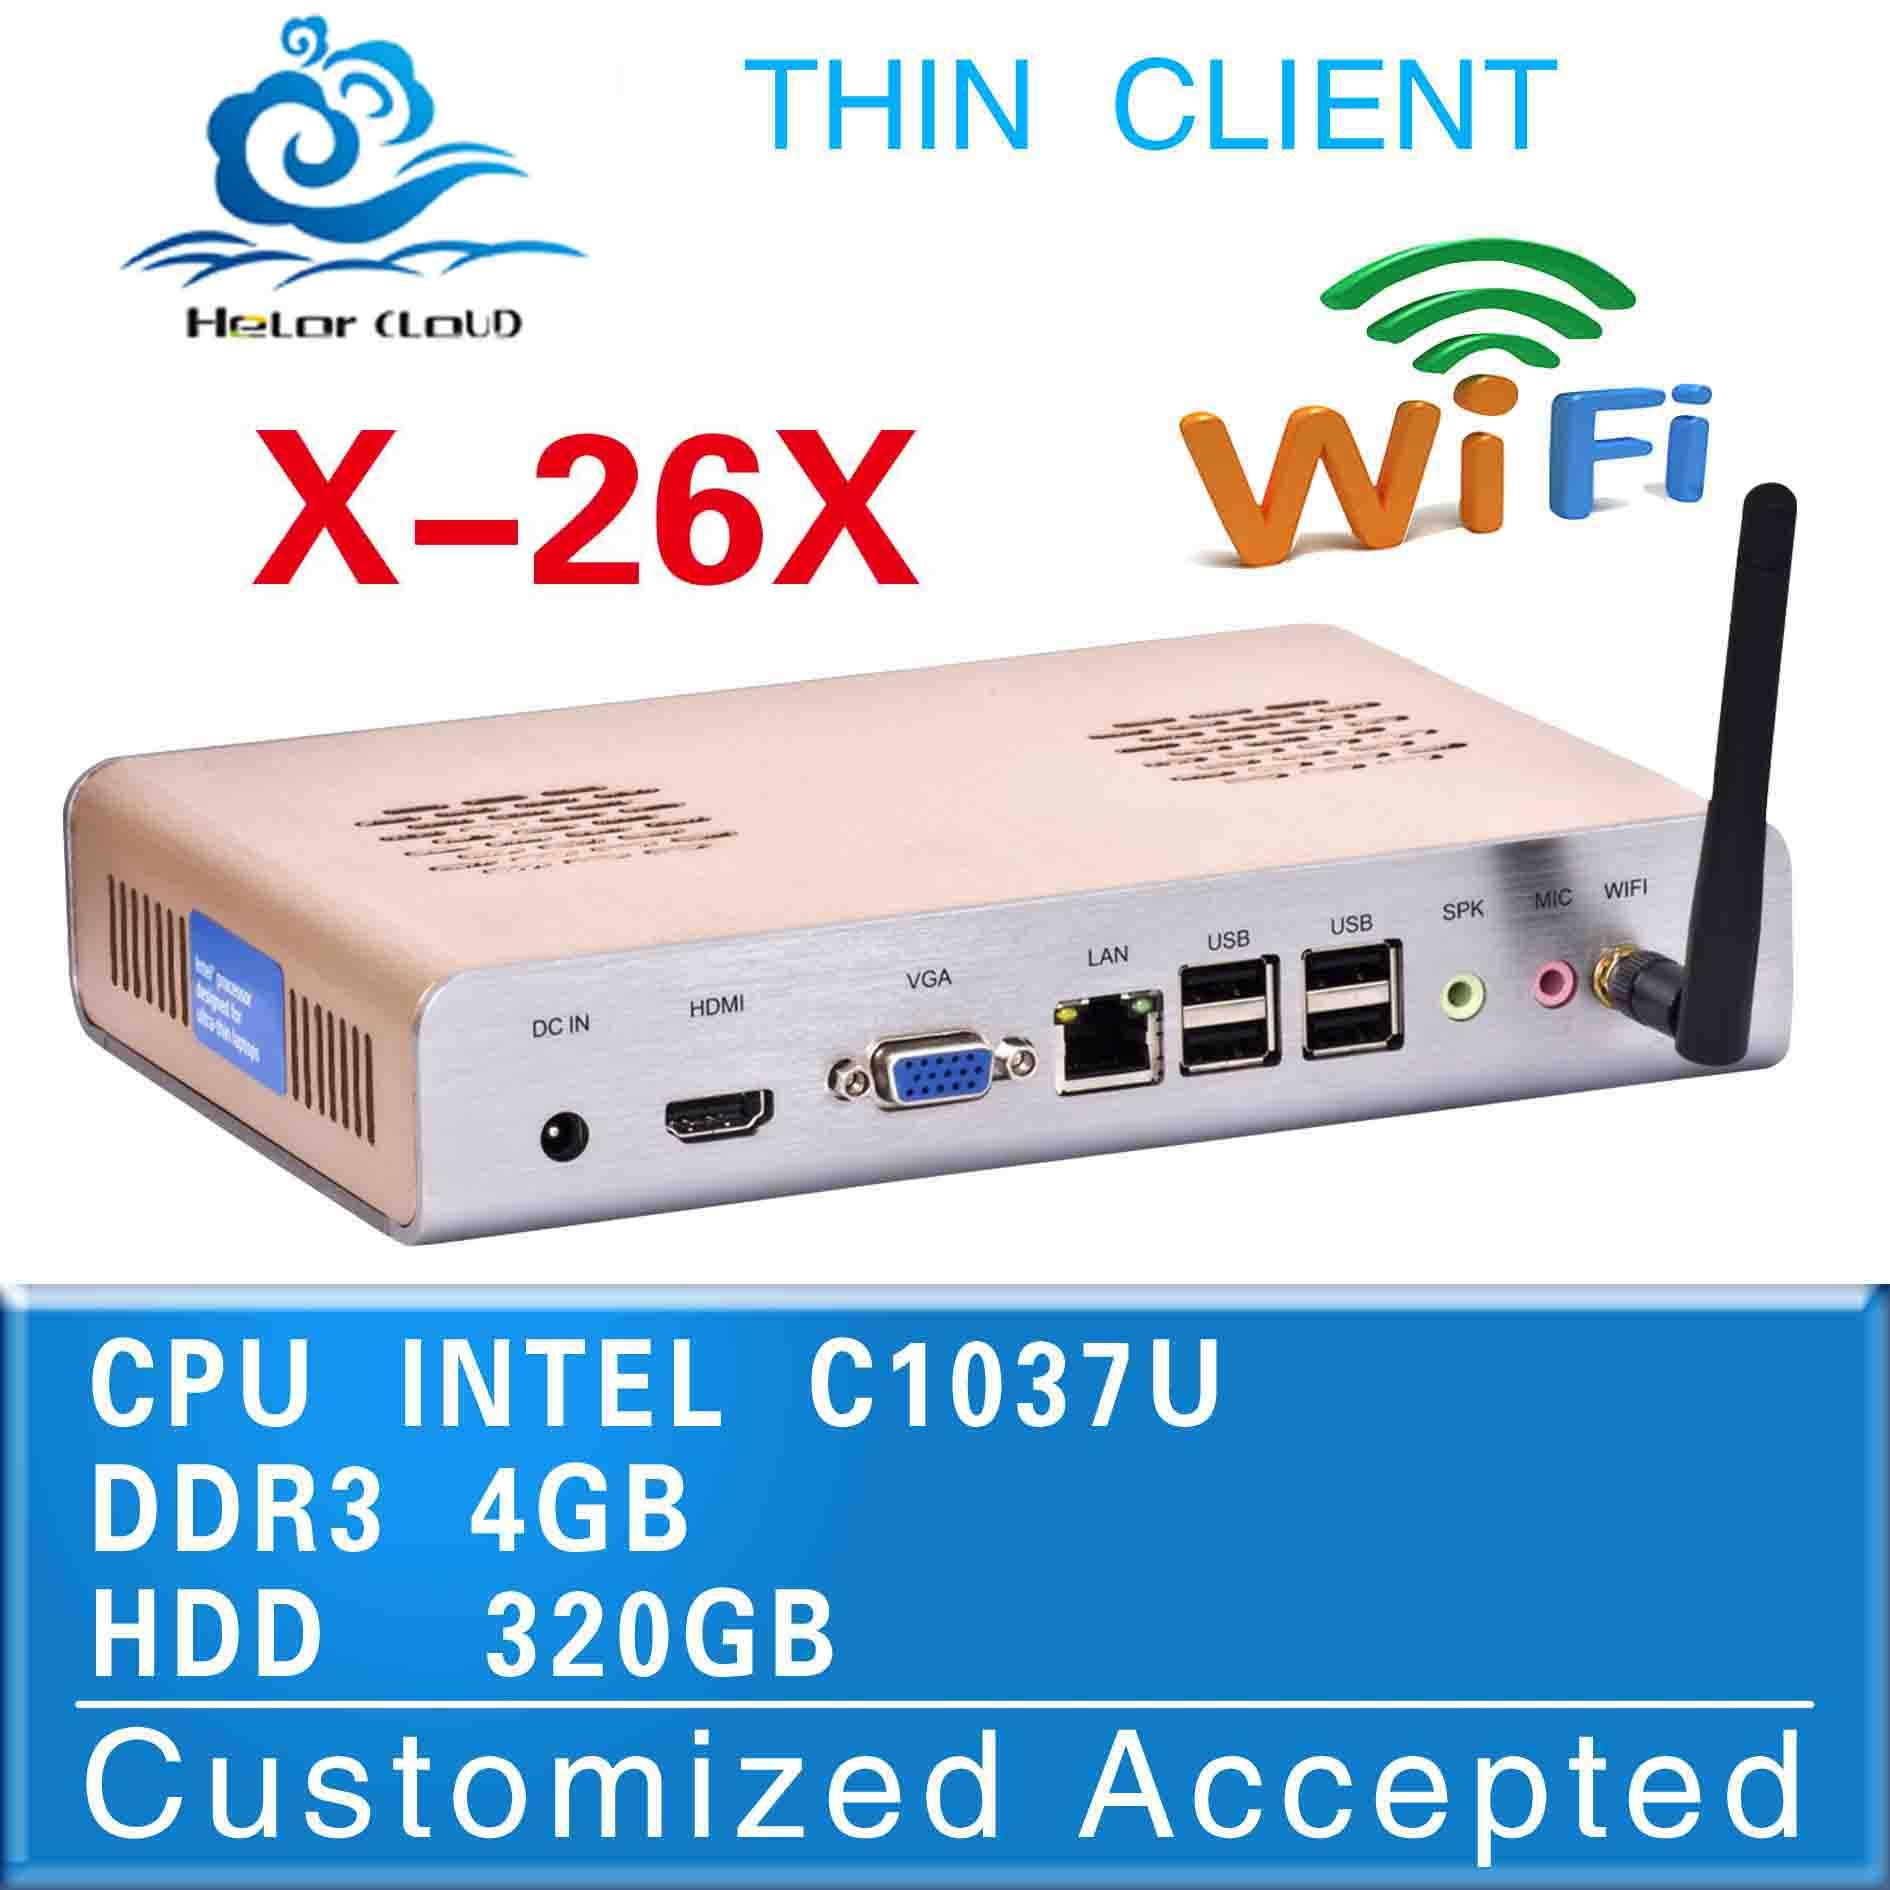 the most popular best quality mini computer x-26x fanless c1037u network mini business pc 4g ram 320g hdd thin client wif minipc(China (Mainland))